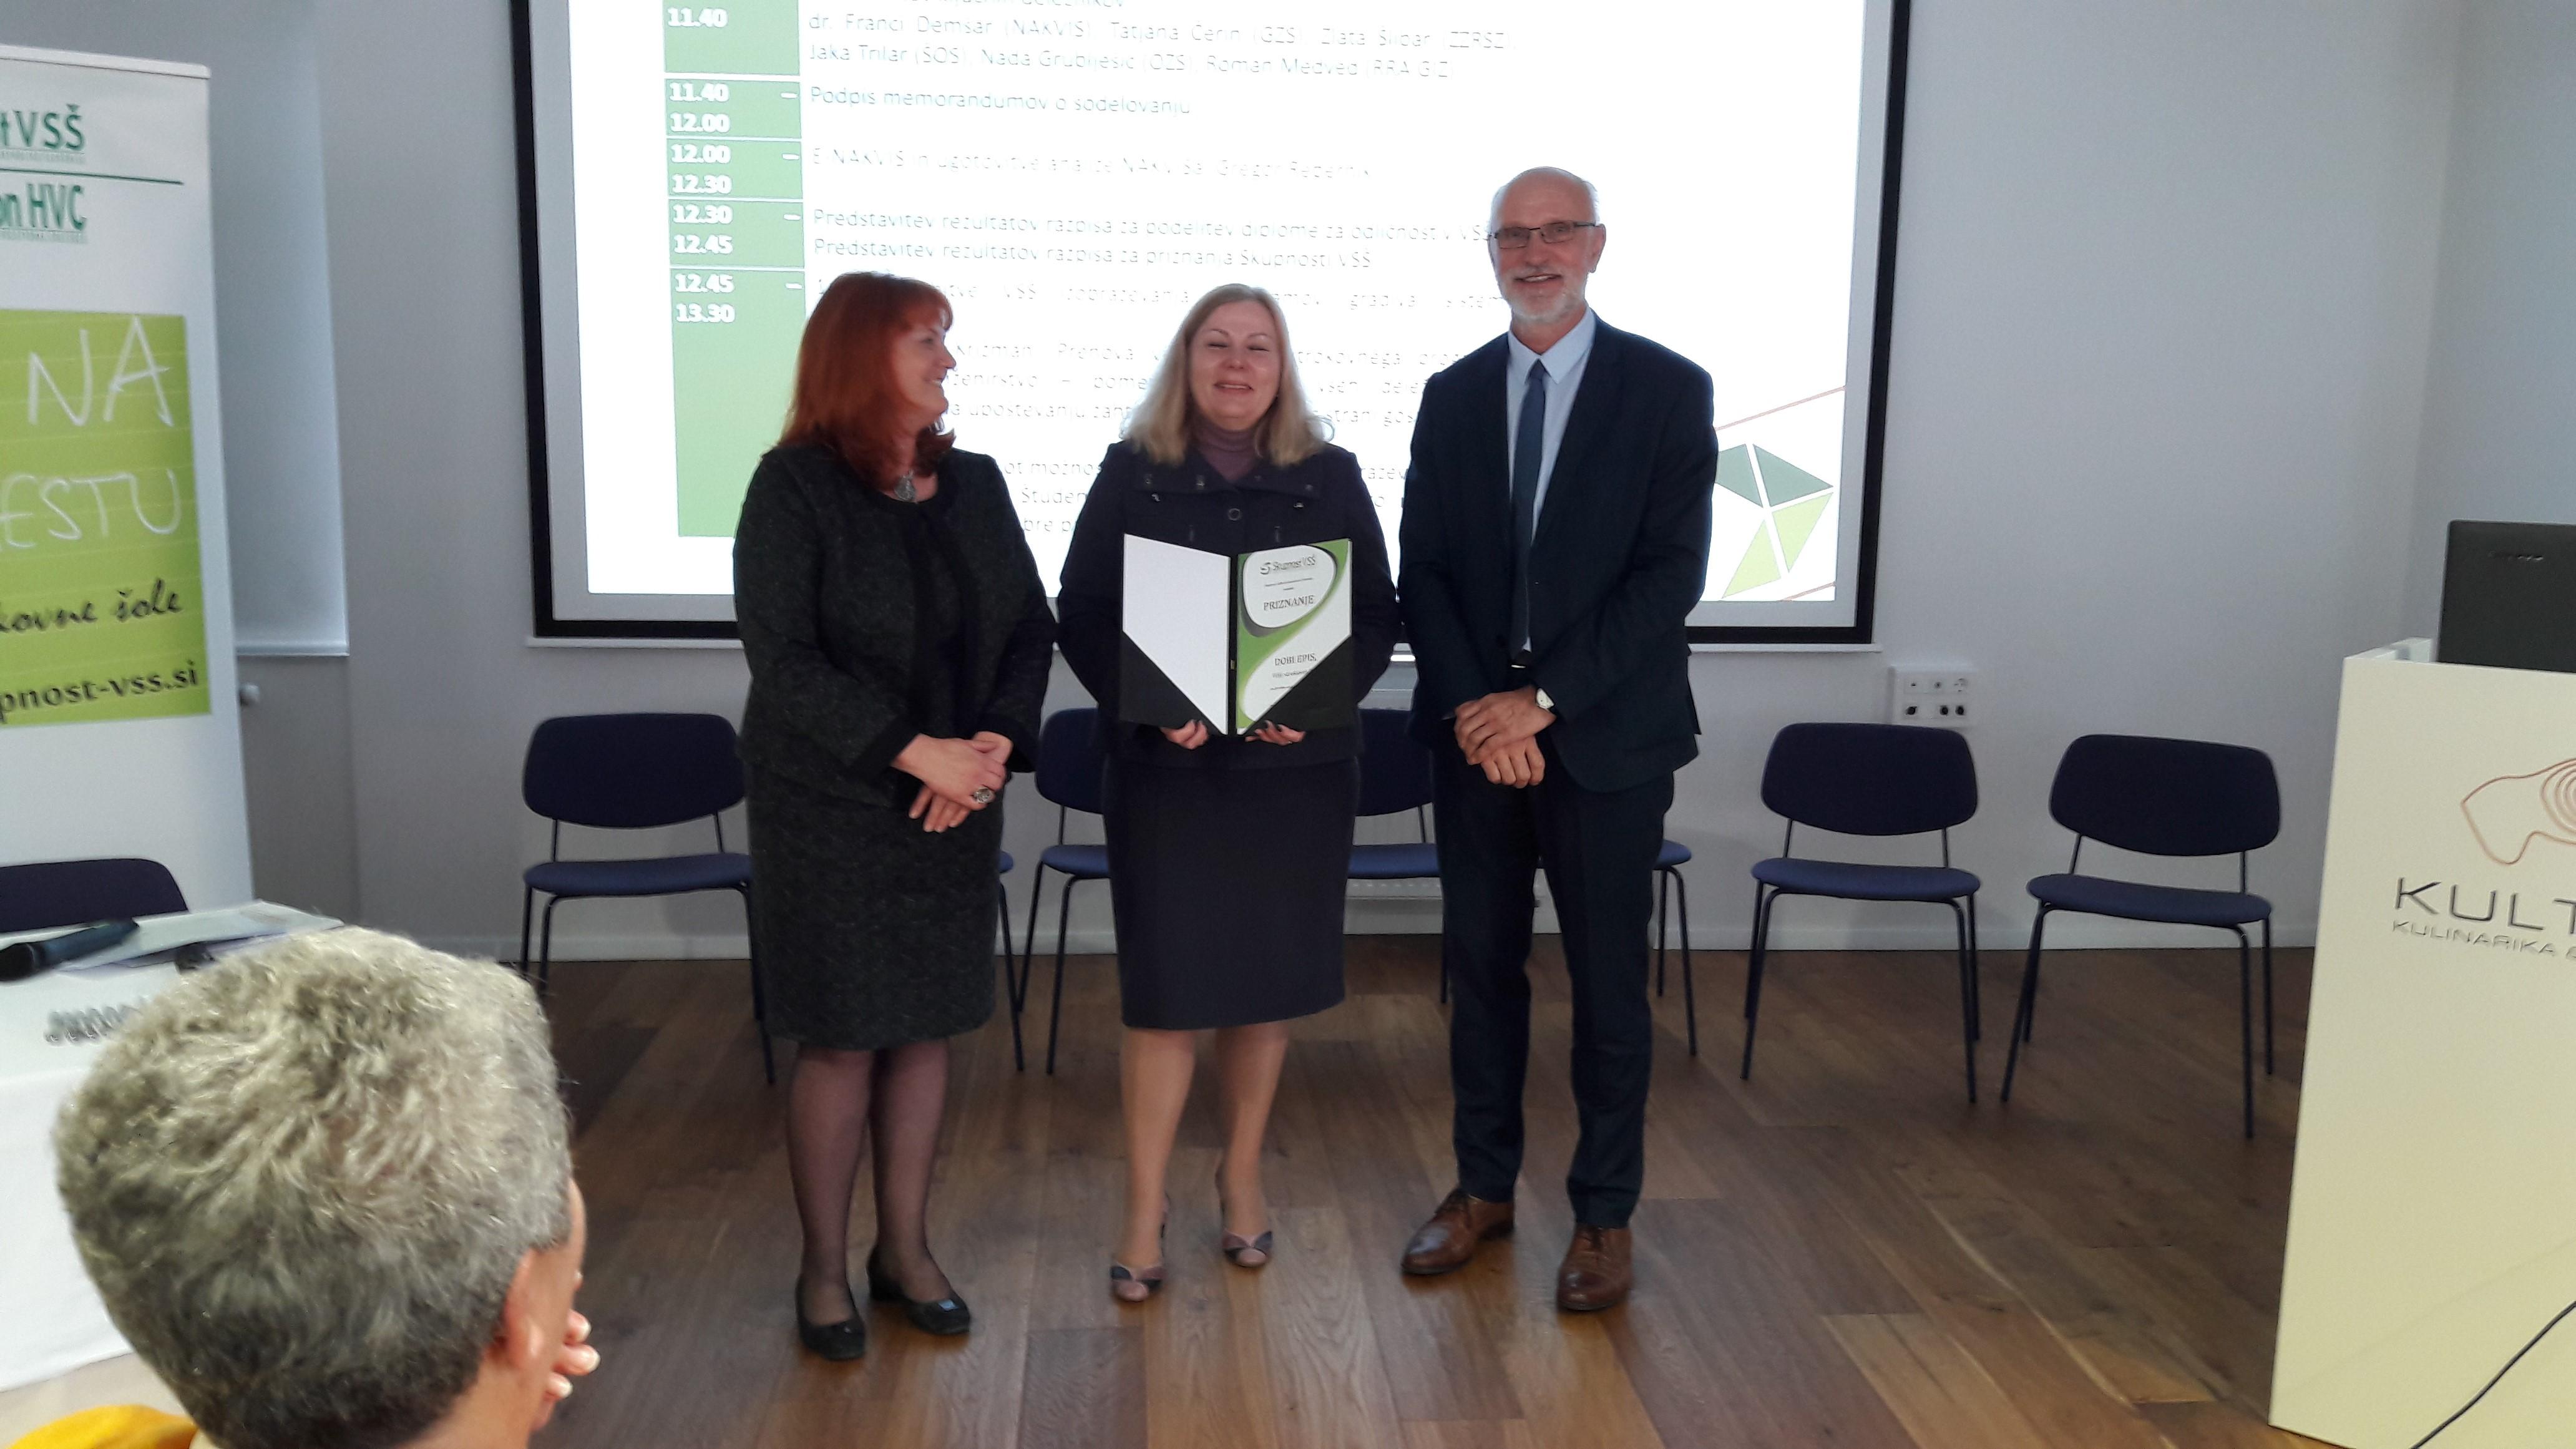 Višji strokovna šola prejela priznanje Skupnosti VSŠ za kakovostno 20-letno delo